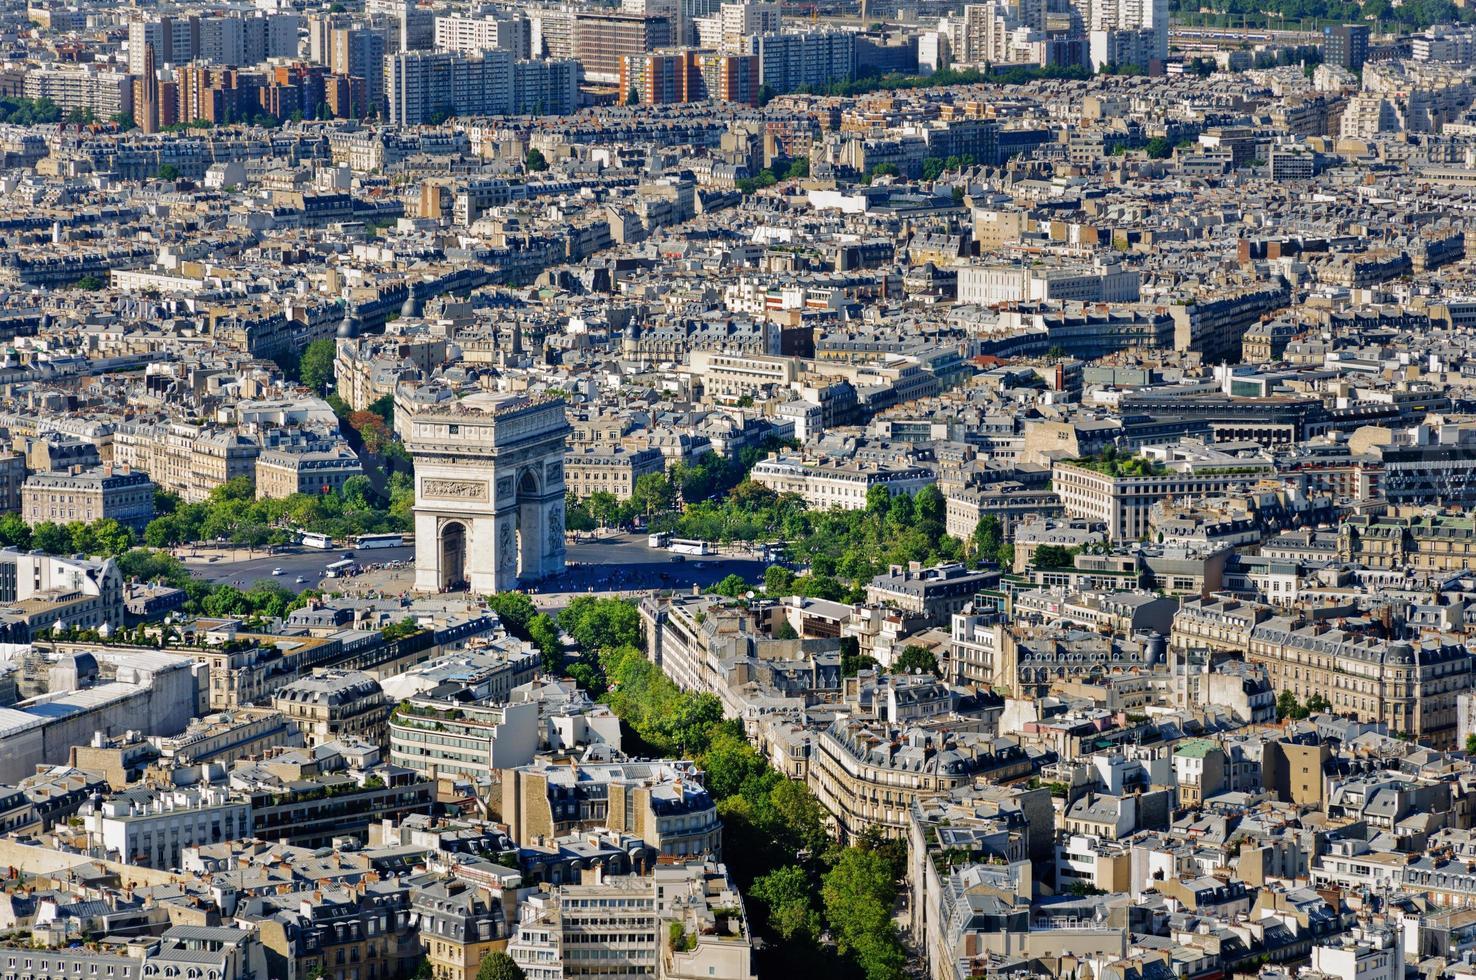 Place de l'Etoile and Arc de Triomphe place, Paris, France photo